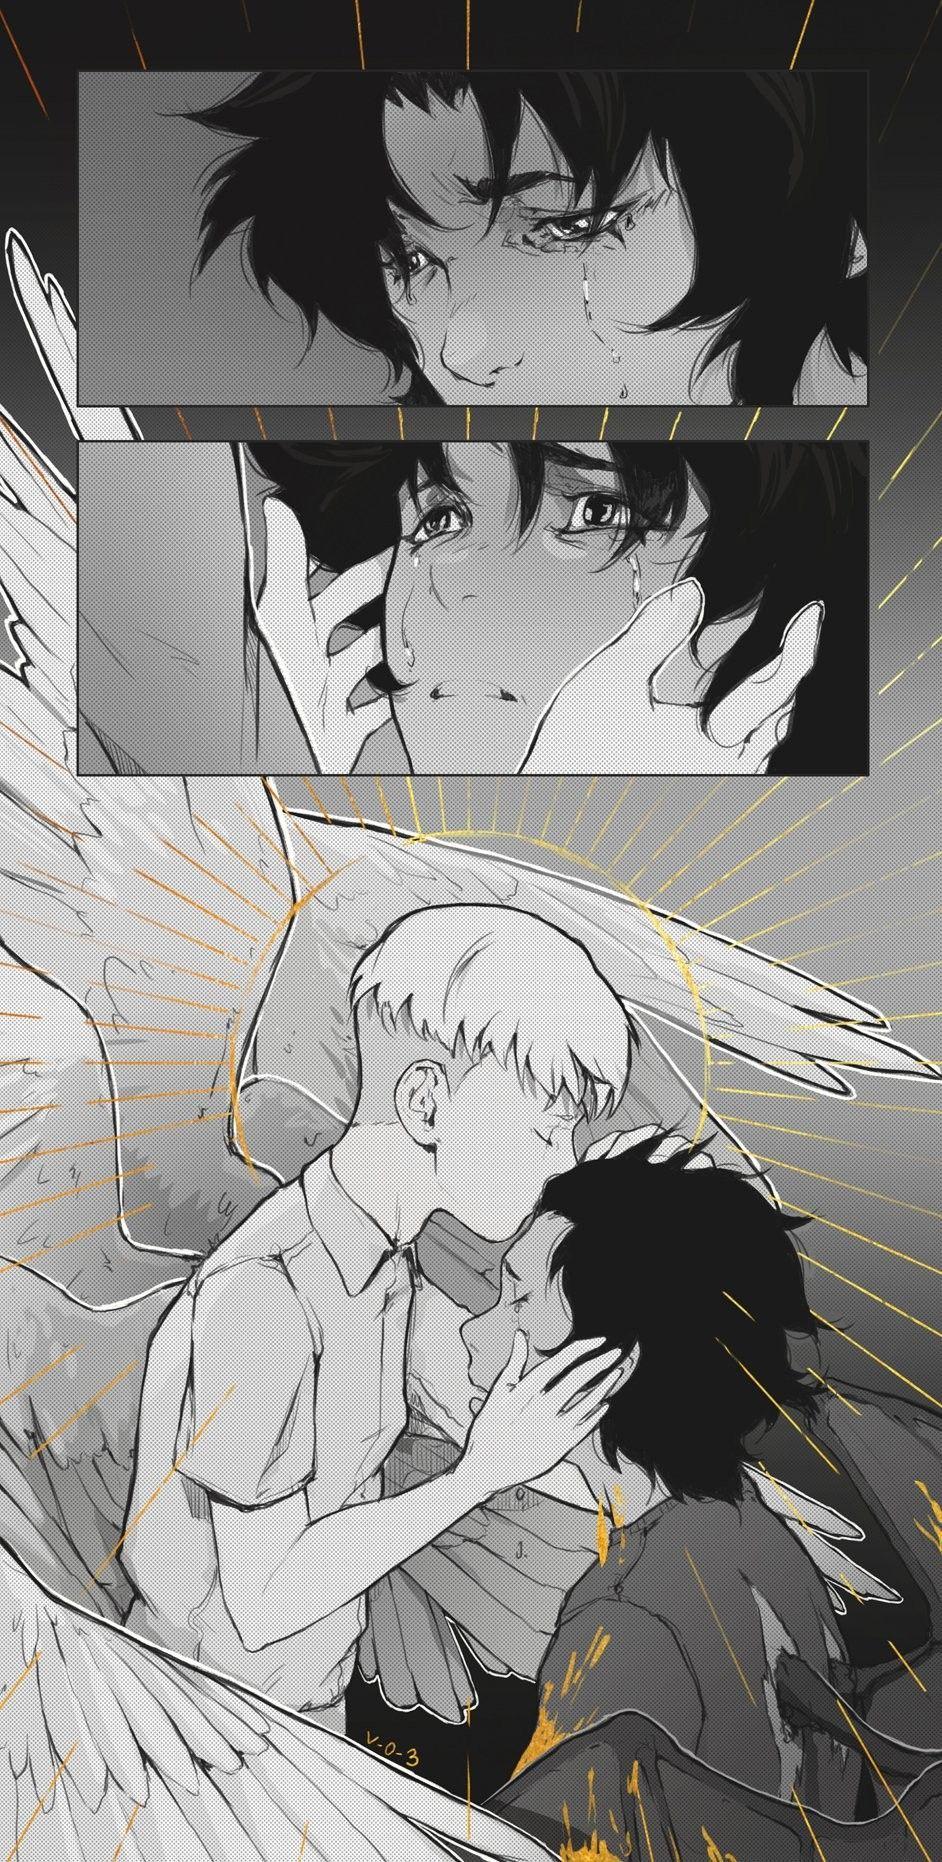 Ryo Asuka Satan Akira Fudo Devilman Devilman Crybaby Anime Anime Wallpaper